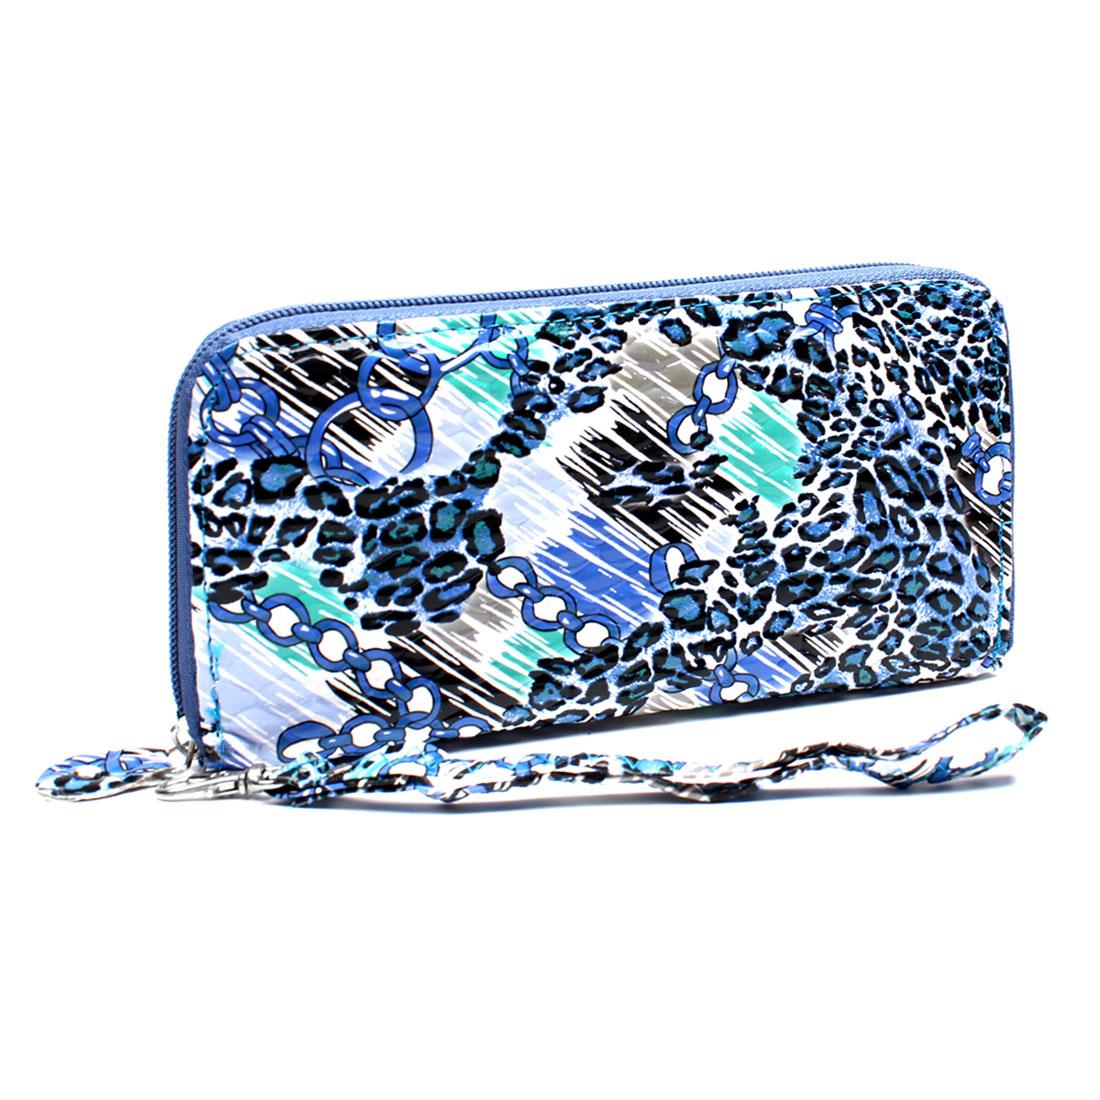 Laides Yale Blue Leopard Pattern 4 Compartments Zipper Closure Handbag Purse